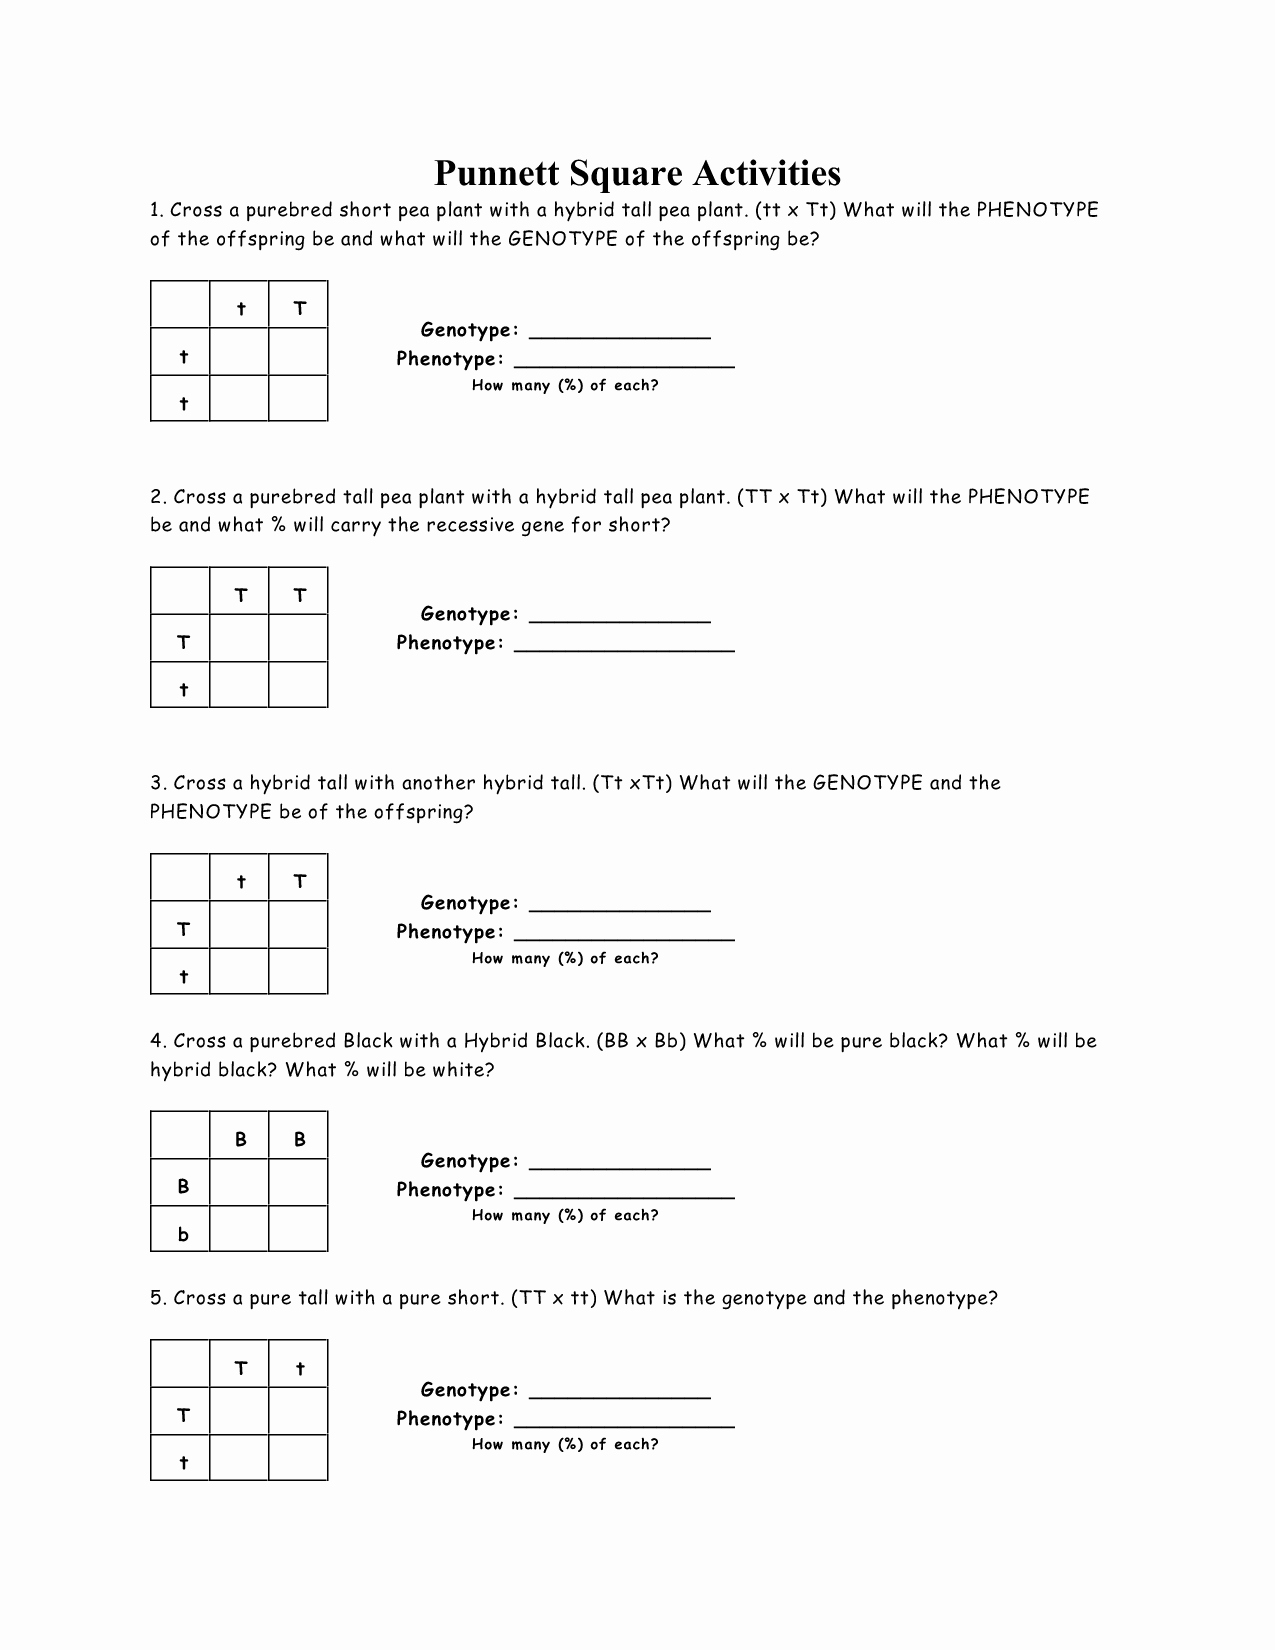 Punnett Square Practice Worksheet Fresh 15 Best Of Punnett Square Worksheet Answer Key